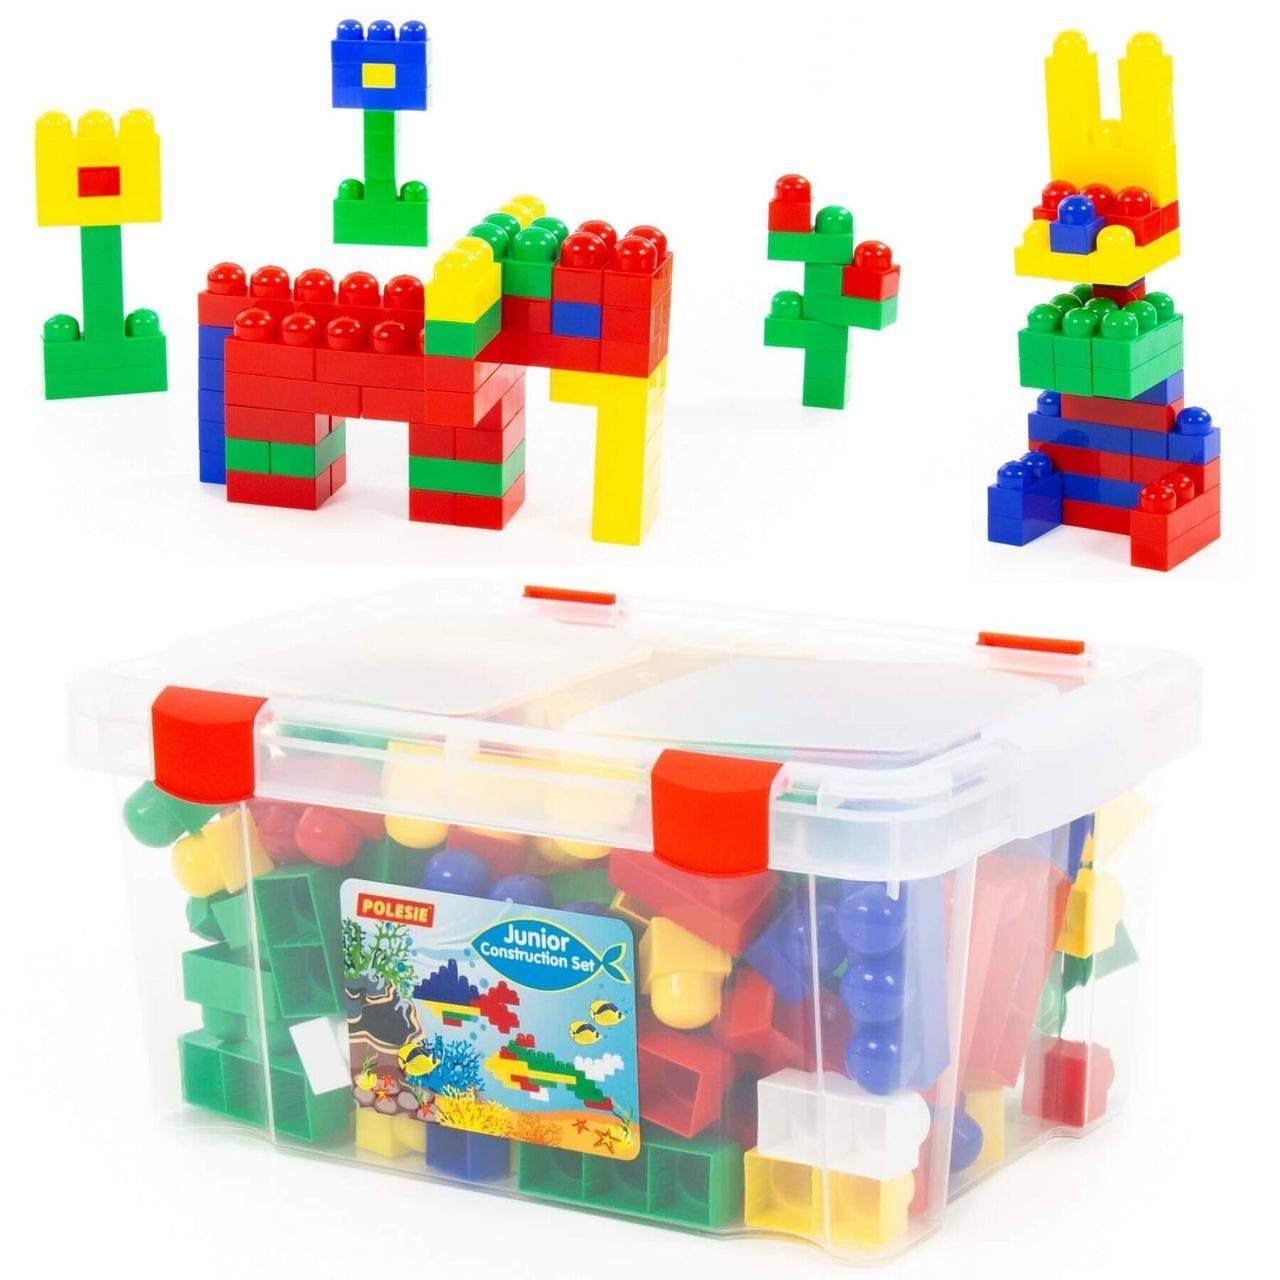 """Дитячий конструктор """"Полісся"""" в контейнері """"Юніор"""", 159 елементів (50588)"""